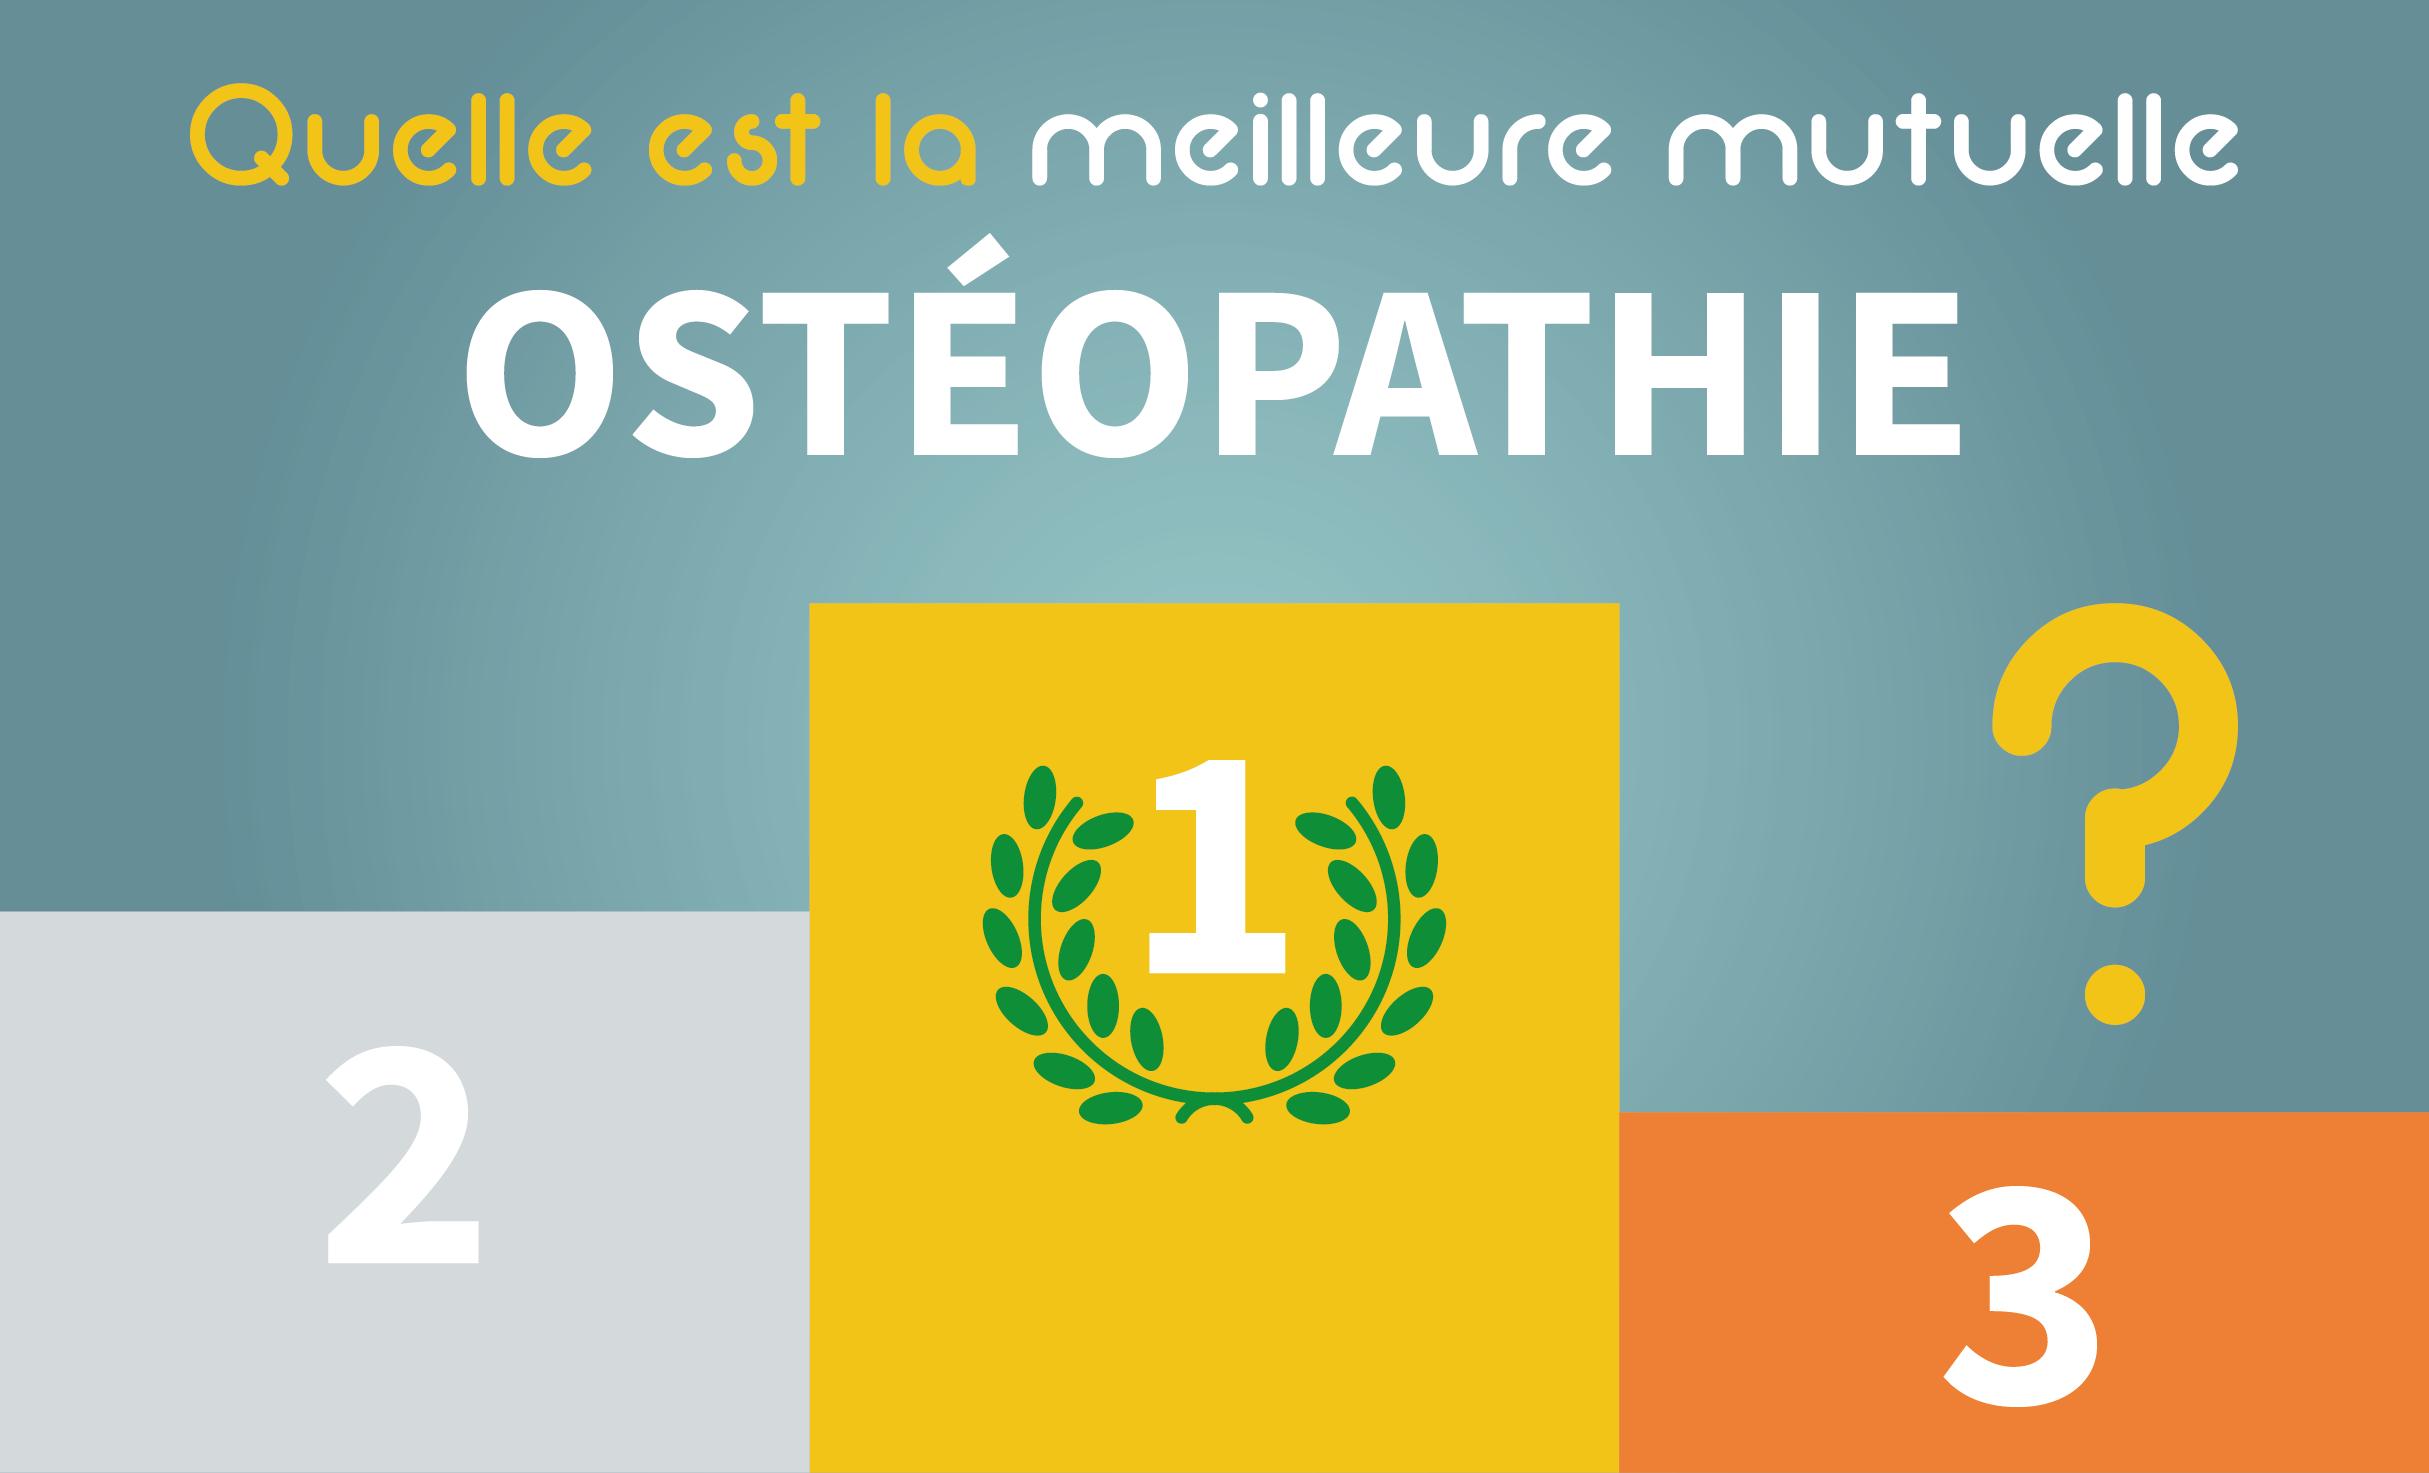 Faites votre propre classement des meilleures mutuelles Ostéopathie